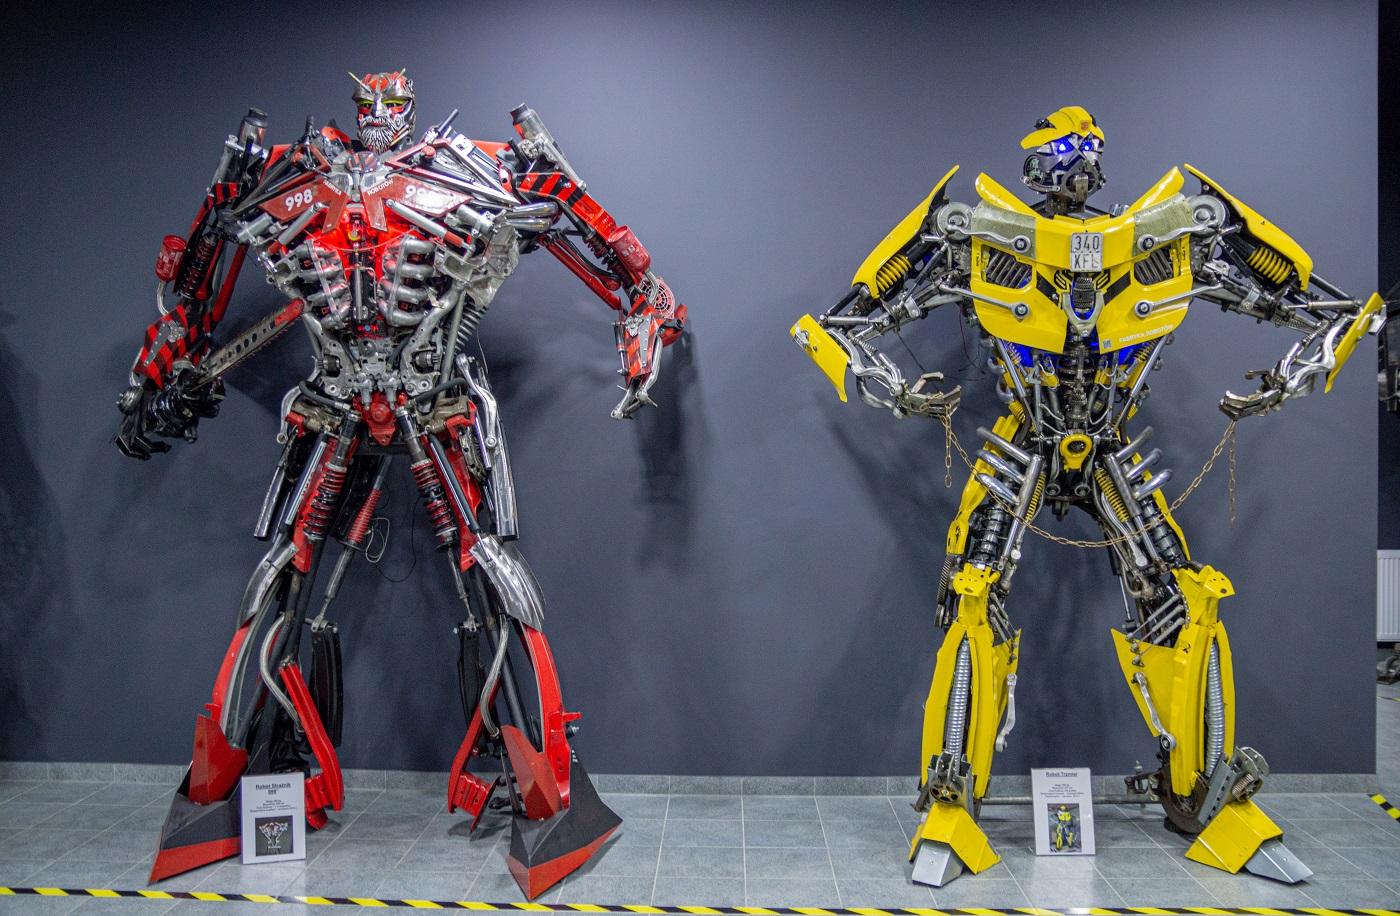 Transformers fabryka robotów Moszna